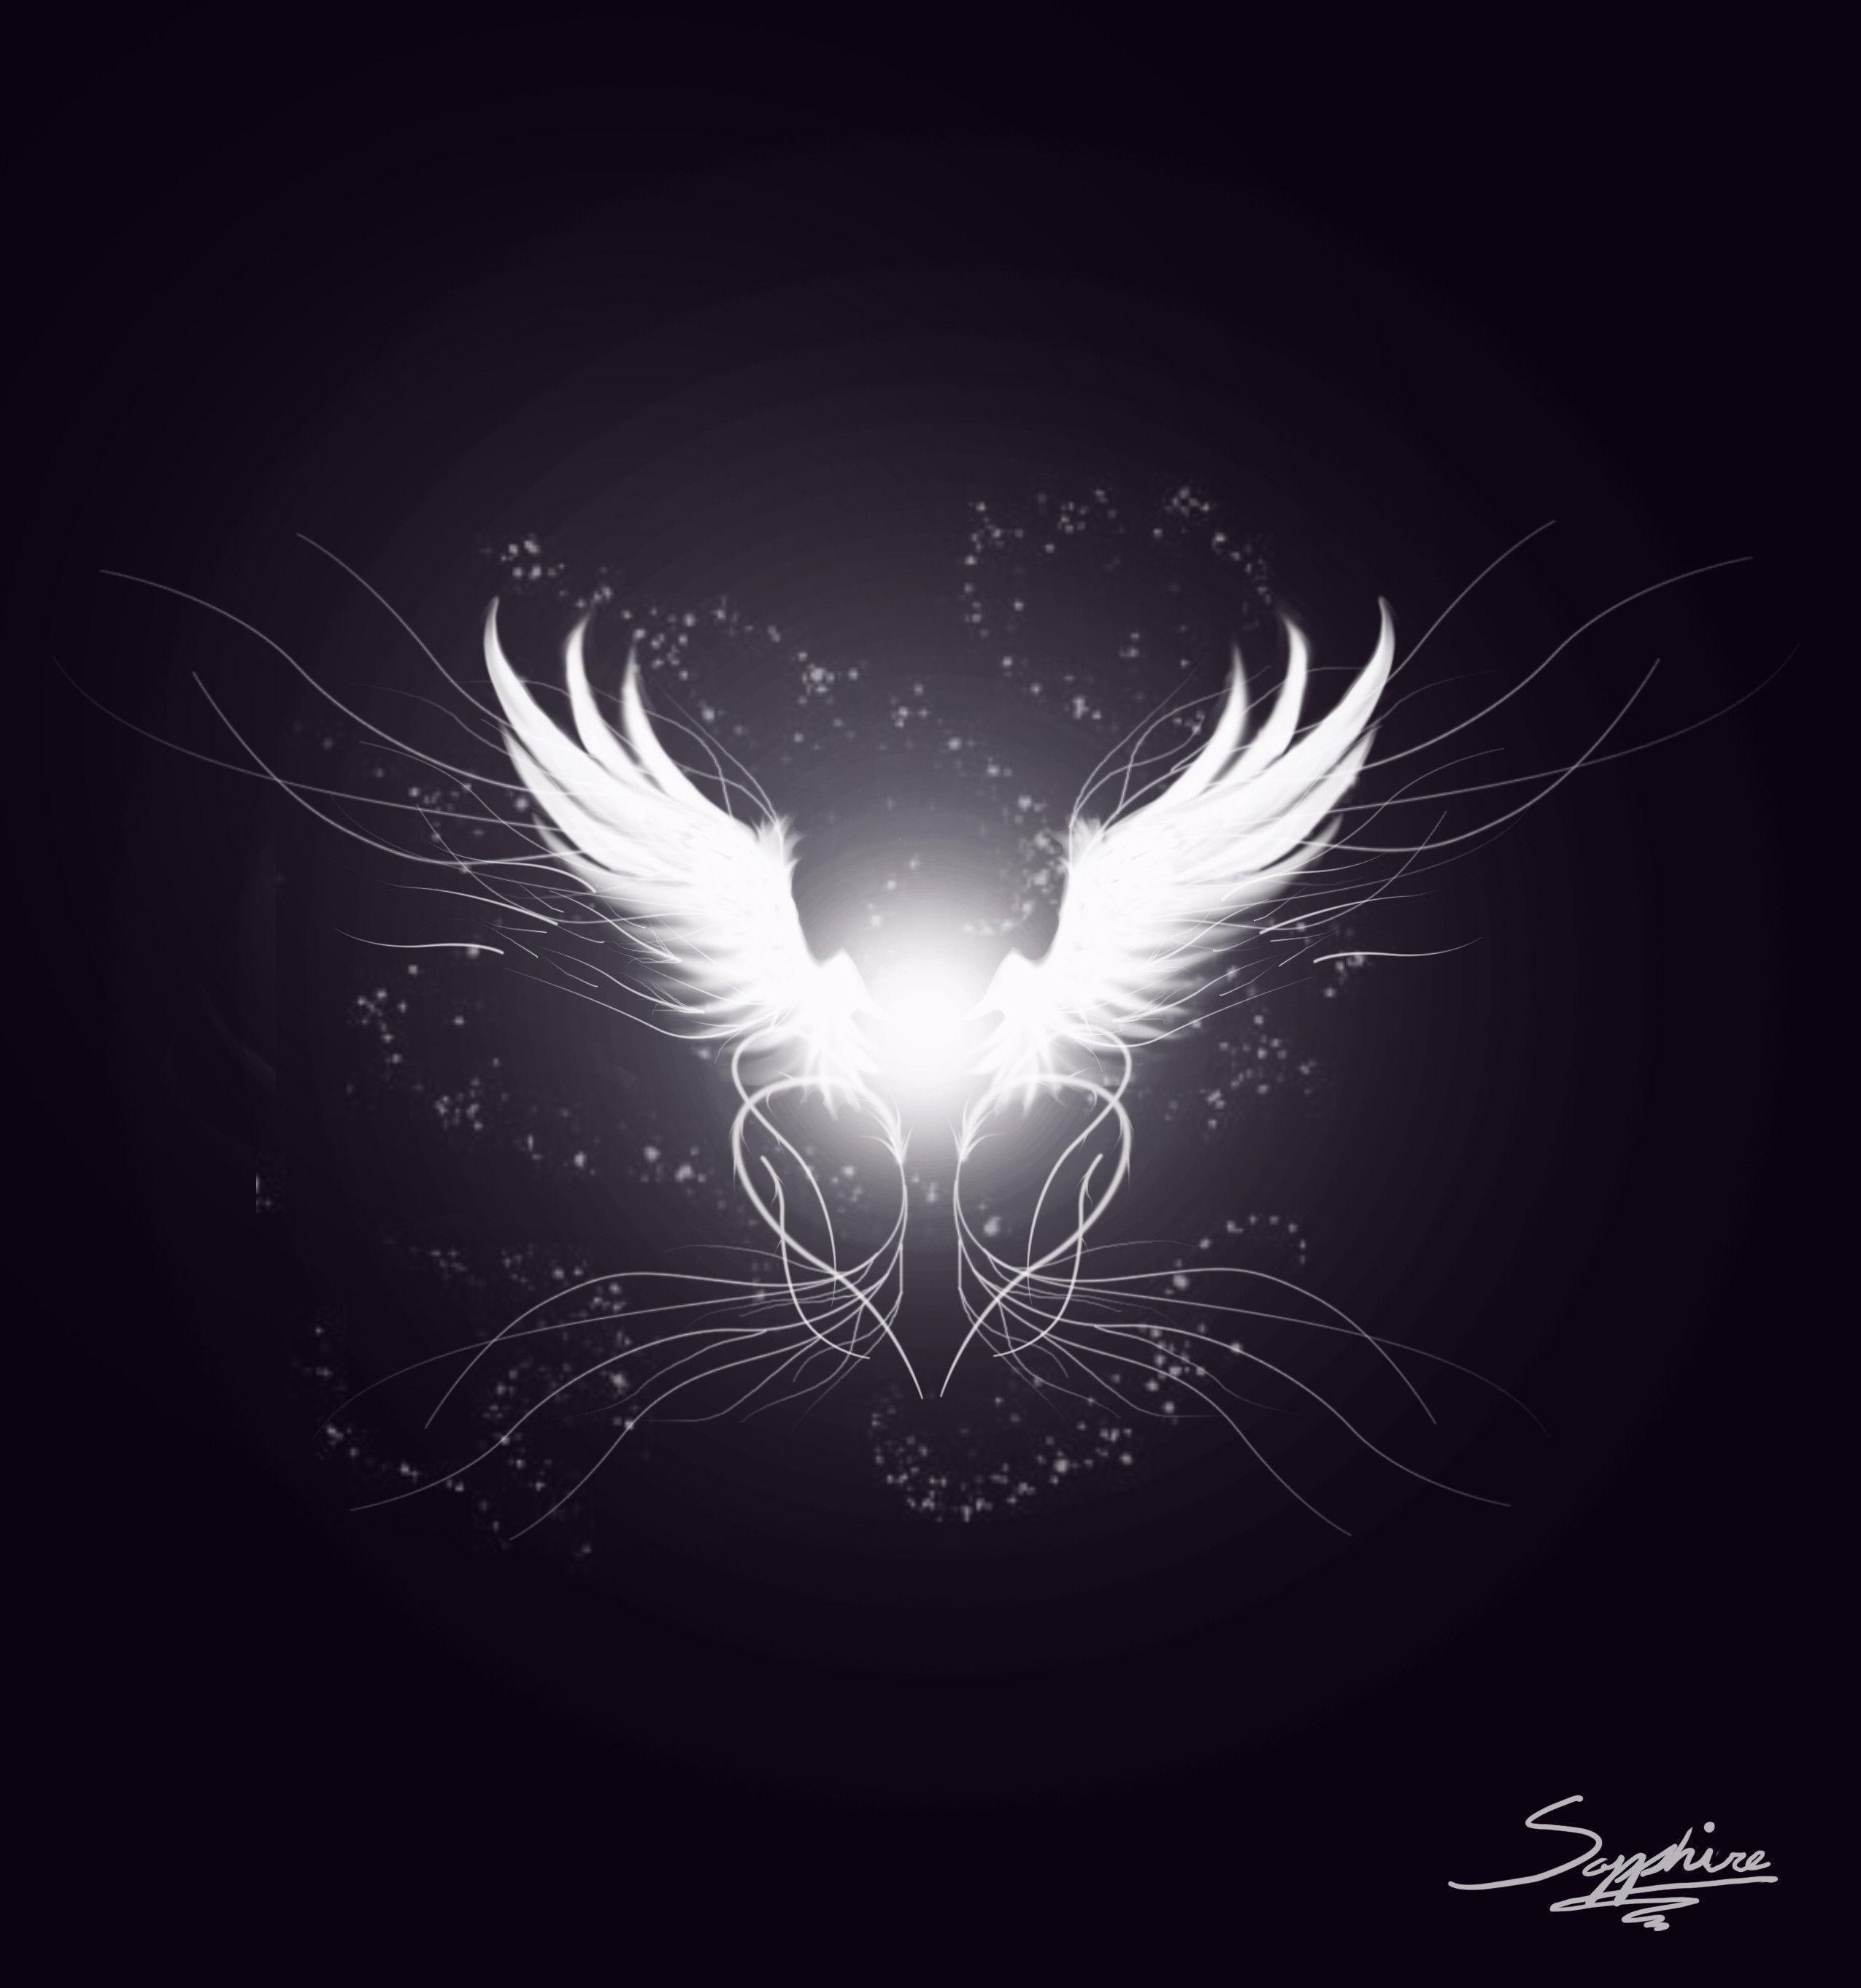 Angel Wings Wallpapers